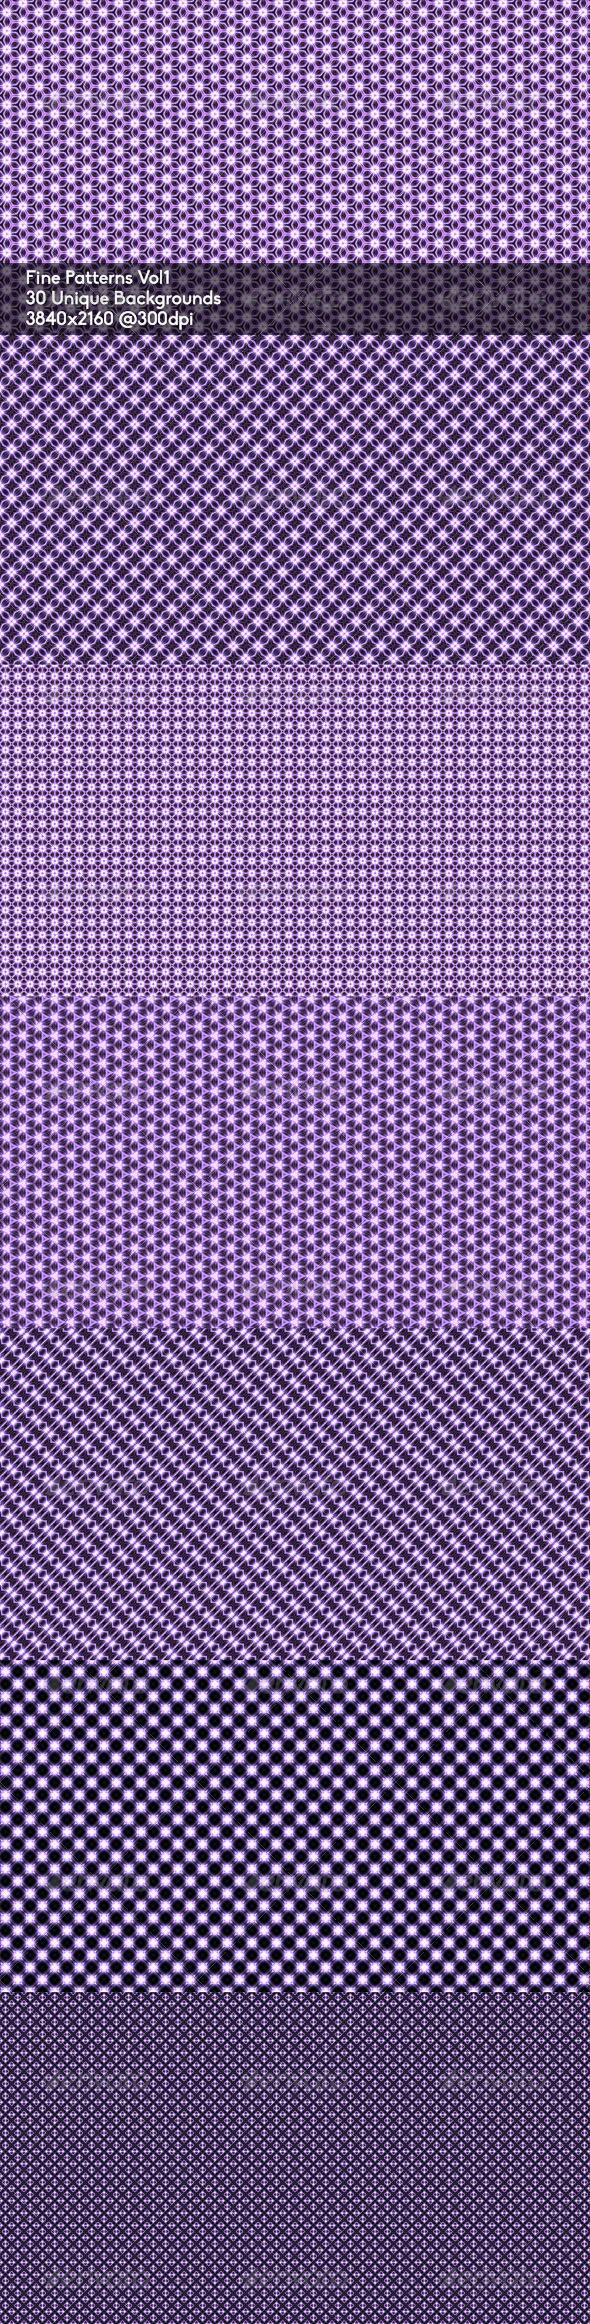 GraphicRiver Fine Patterns I 7012559